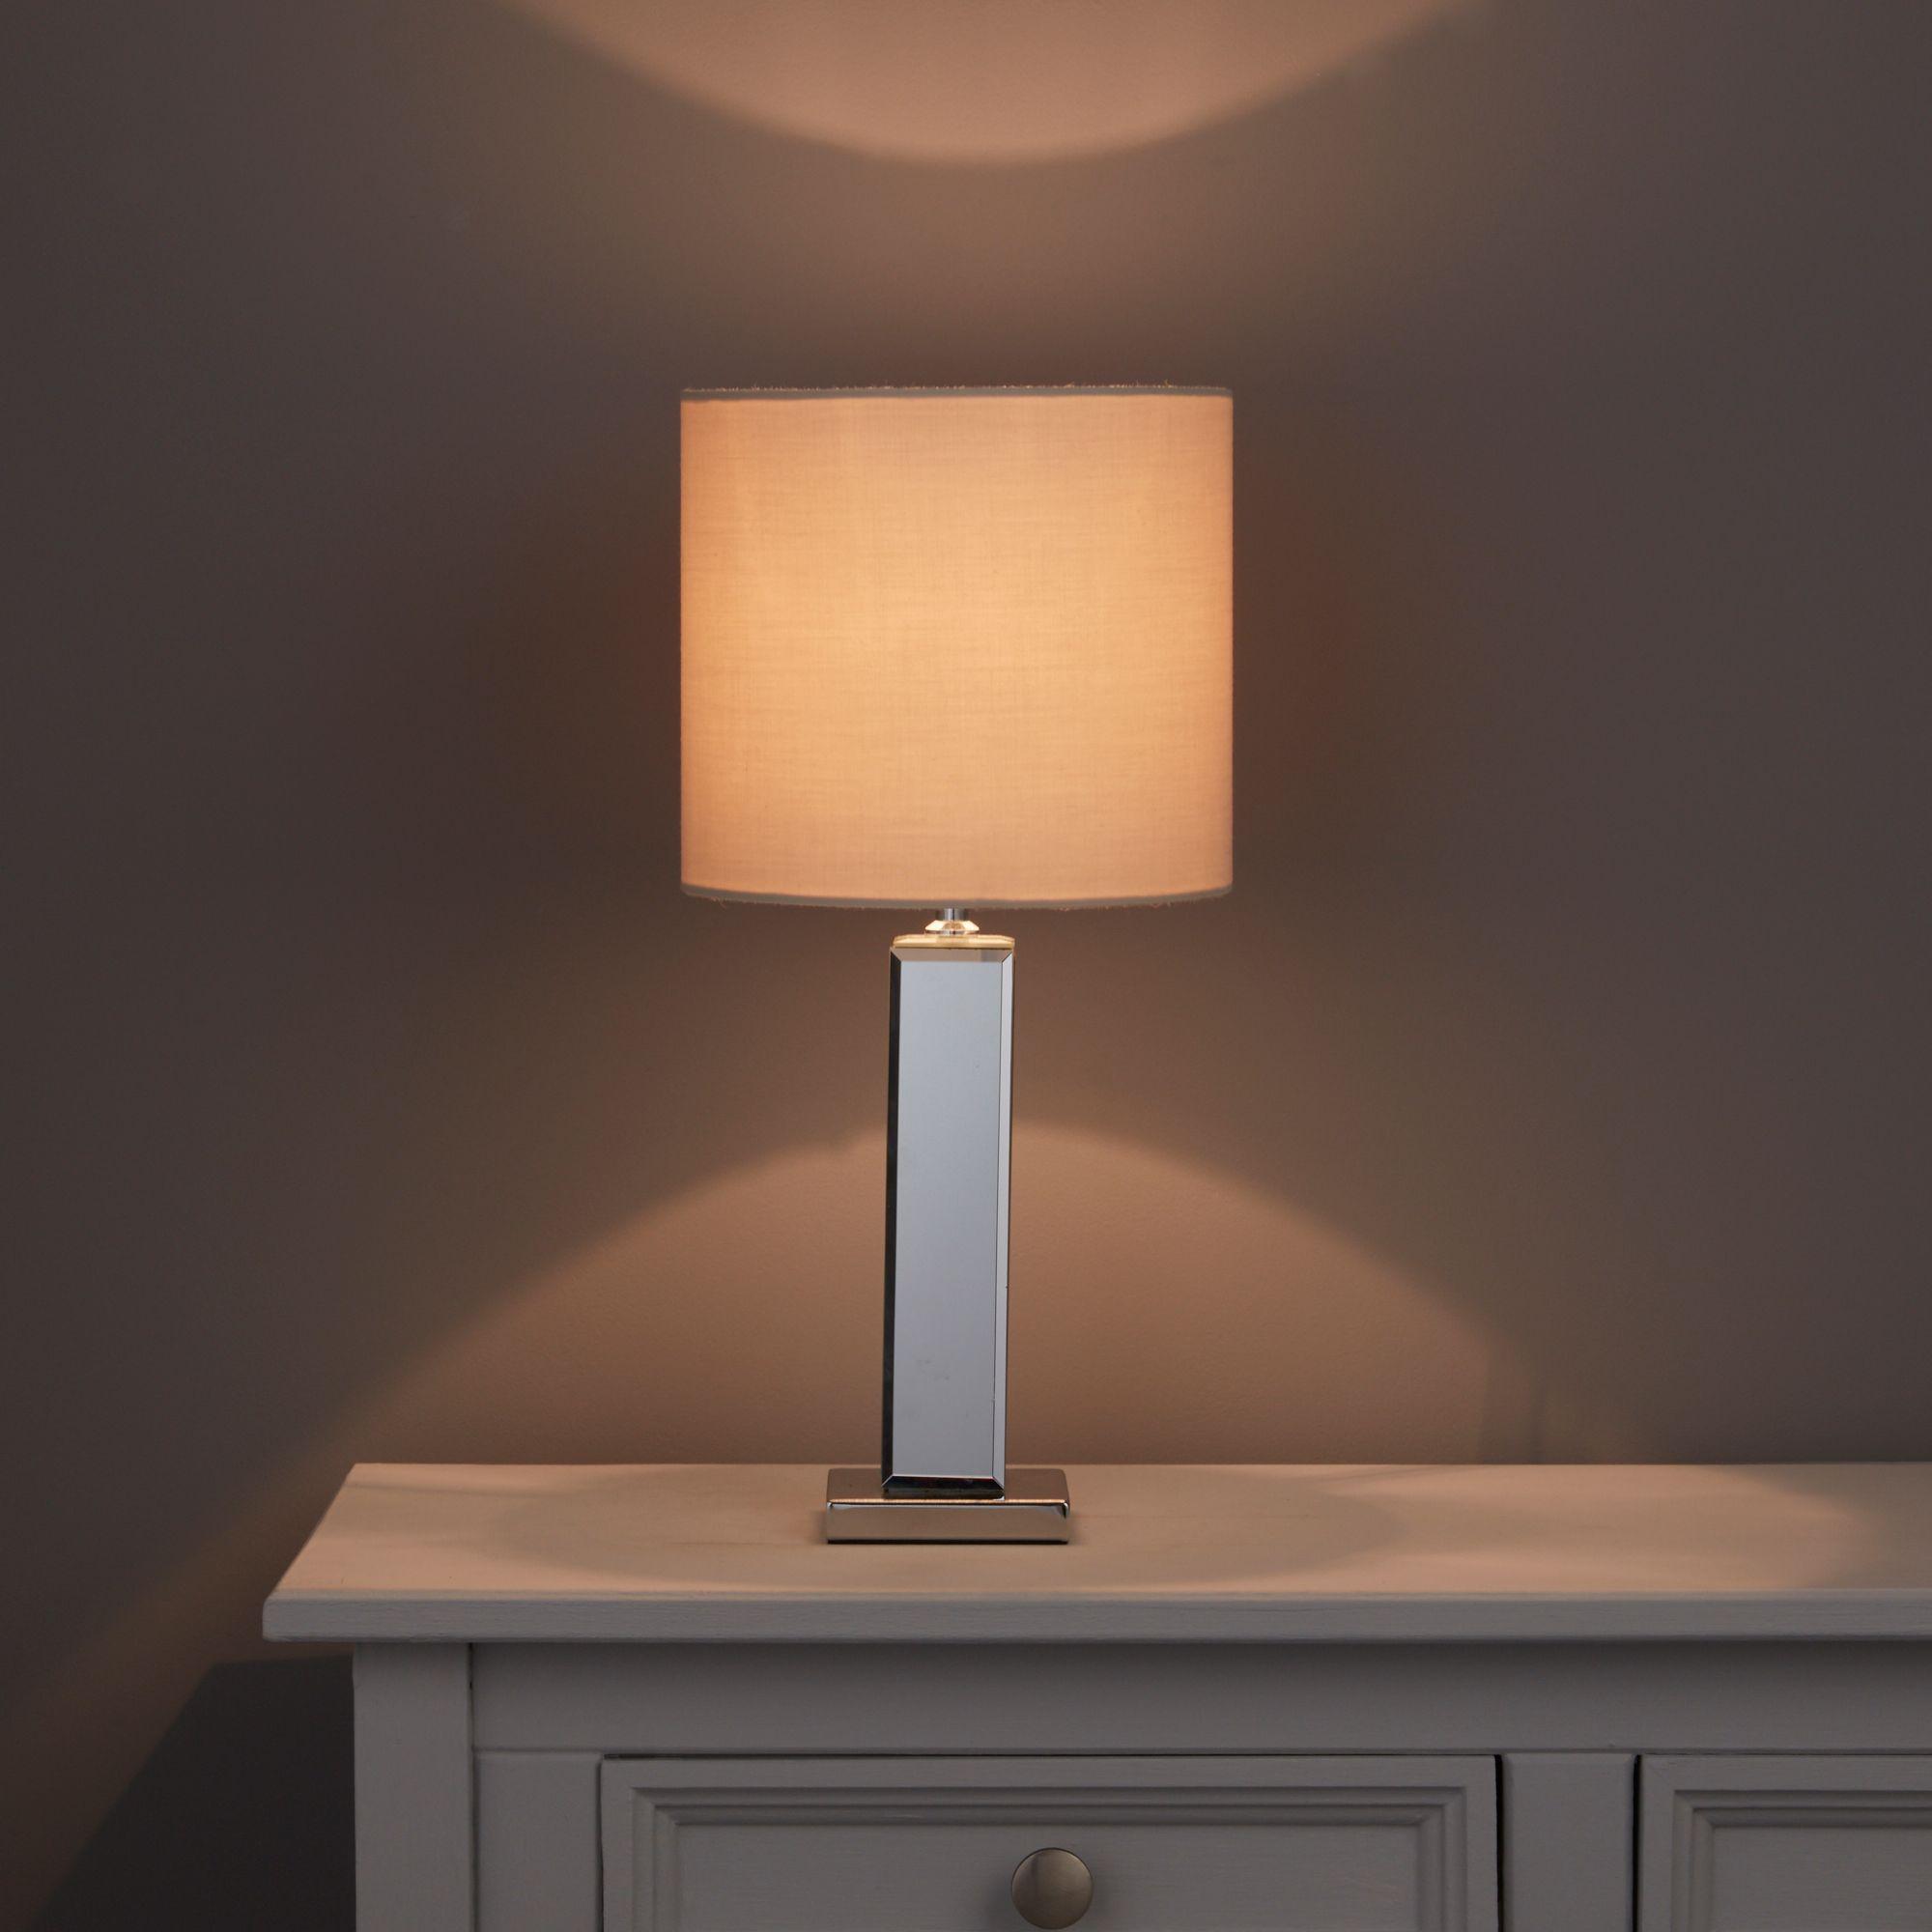 Ara Mirror Table Lamp Departments Diy At B Amp Q